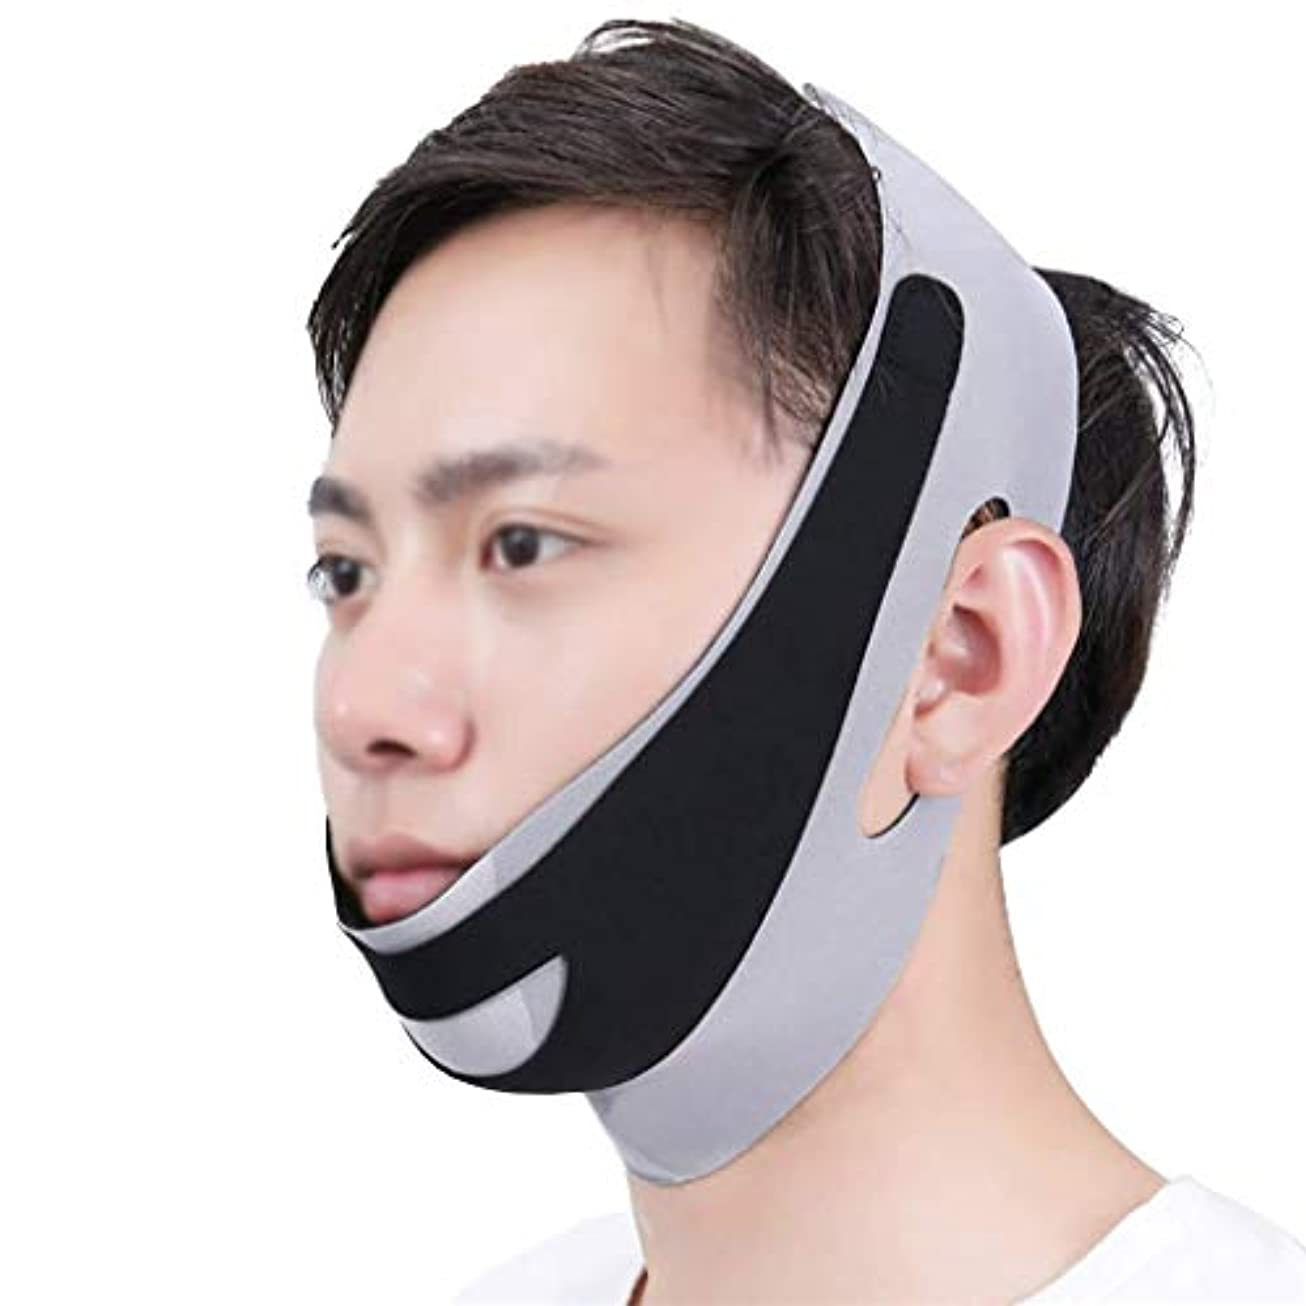 可決若いマニフェスト顔と首のリフト術後の弾性フェイスマスク小さなV顔アーティファクト薄い顔包帯アーティファクトV顔ぶら下げ耳リフティング引き締め男性の顔アーティファクト